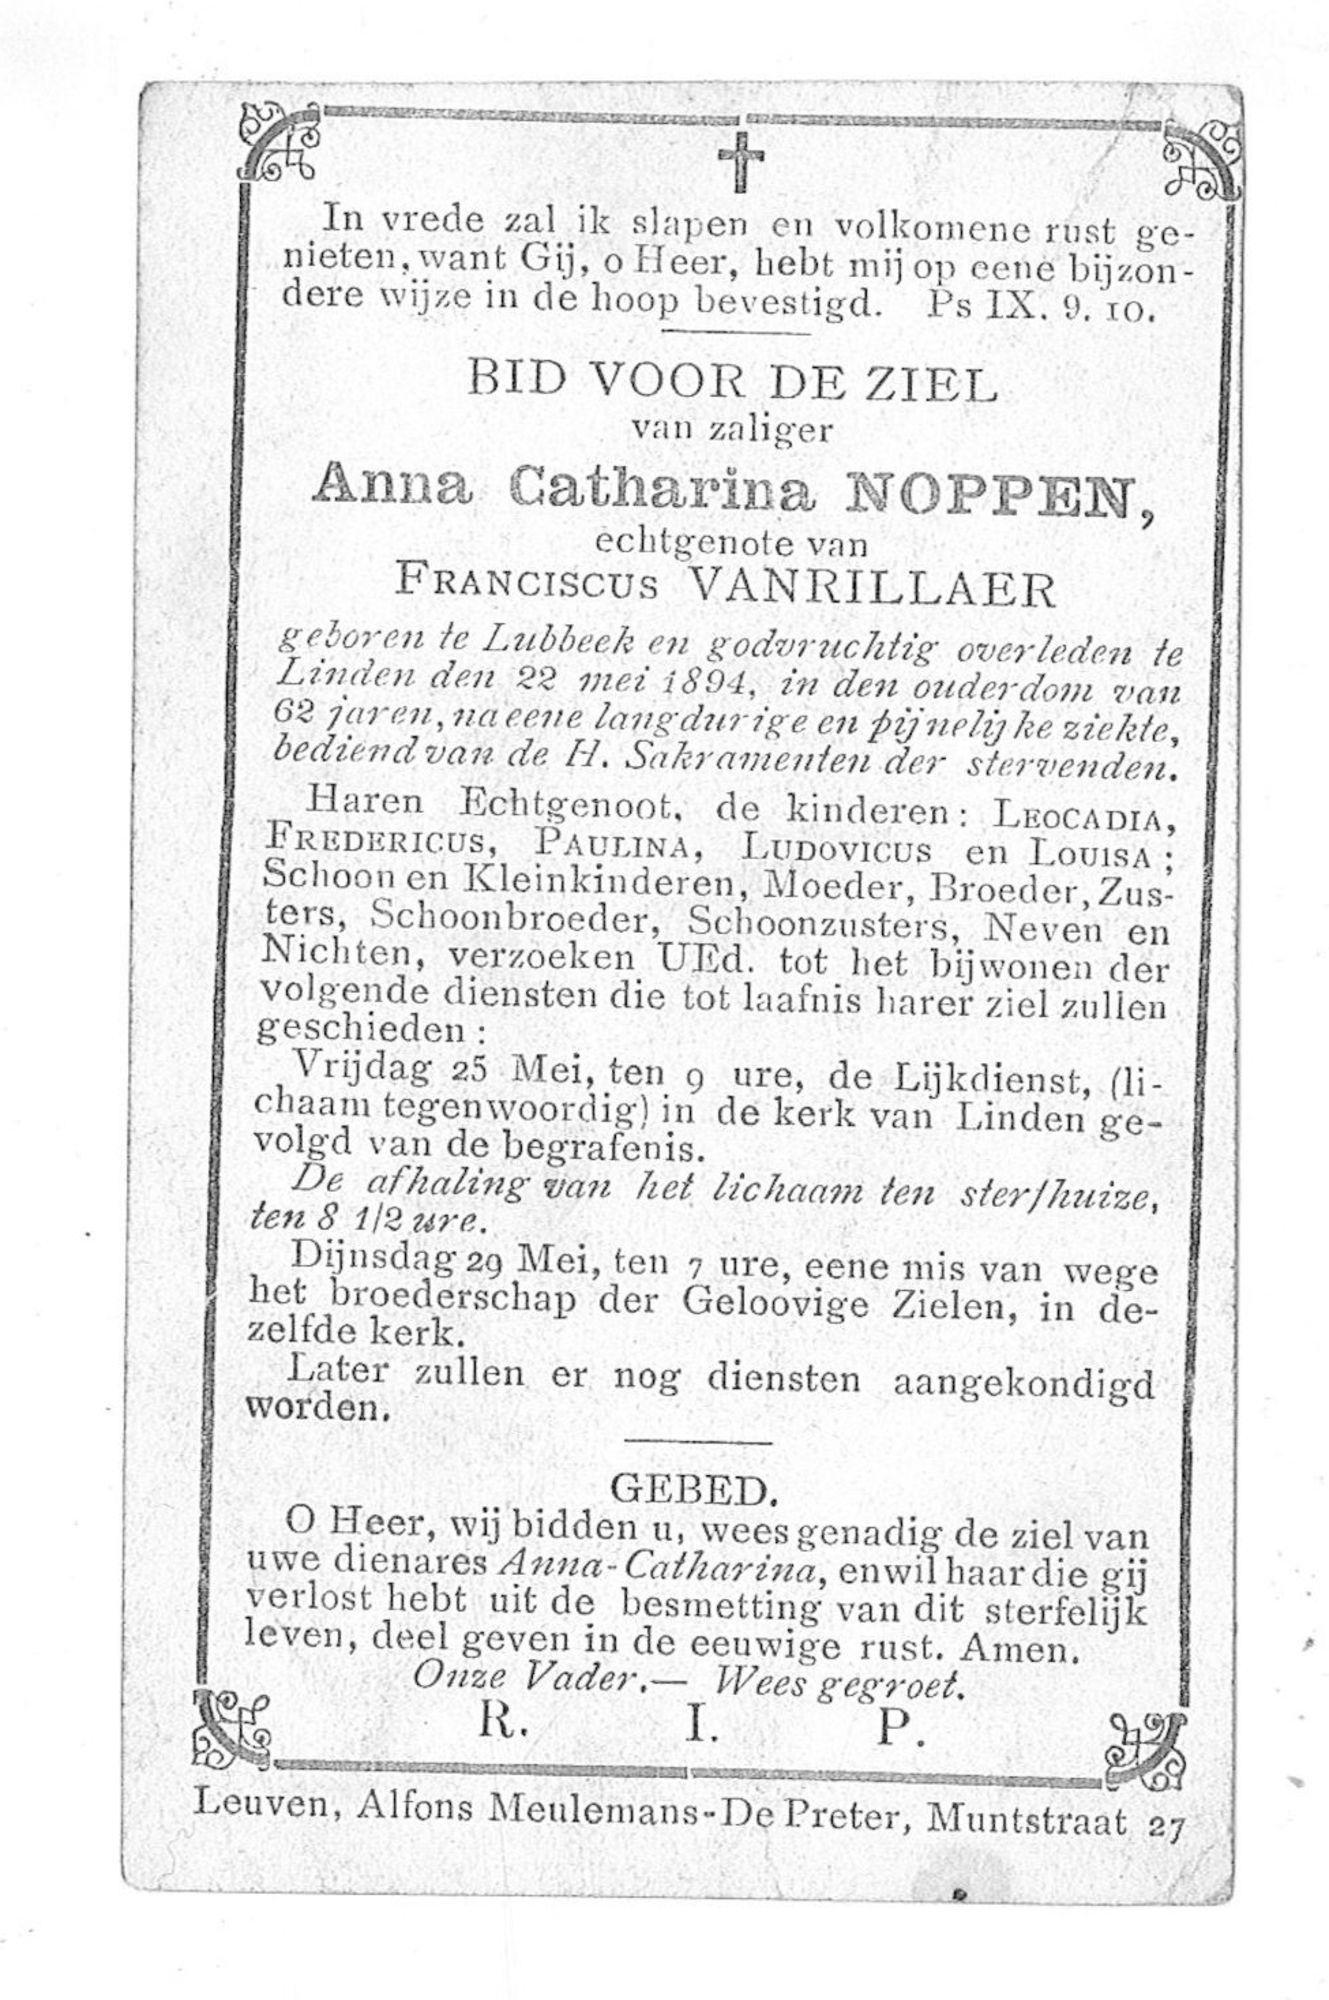 Anna-Catharina Noppen